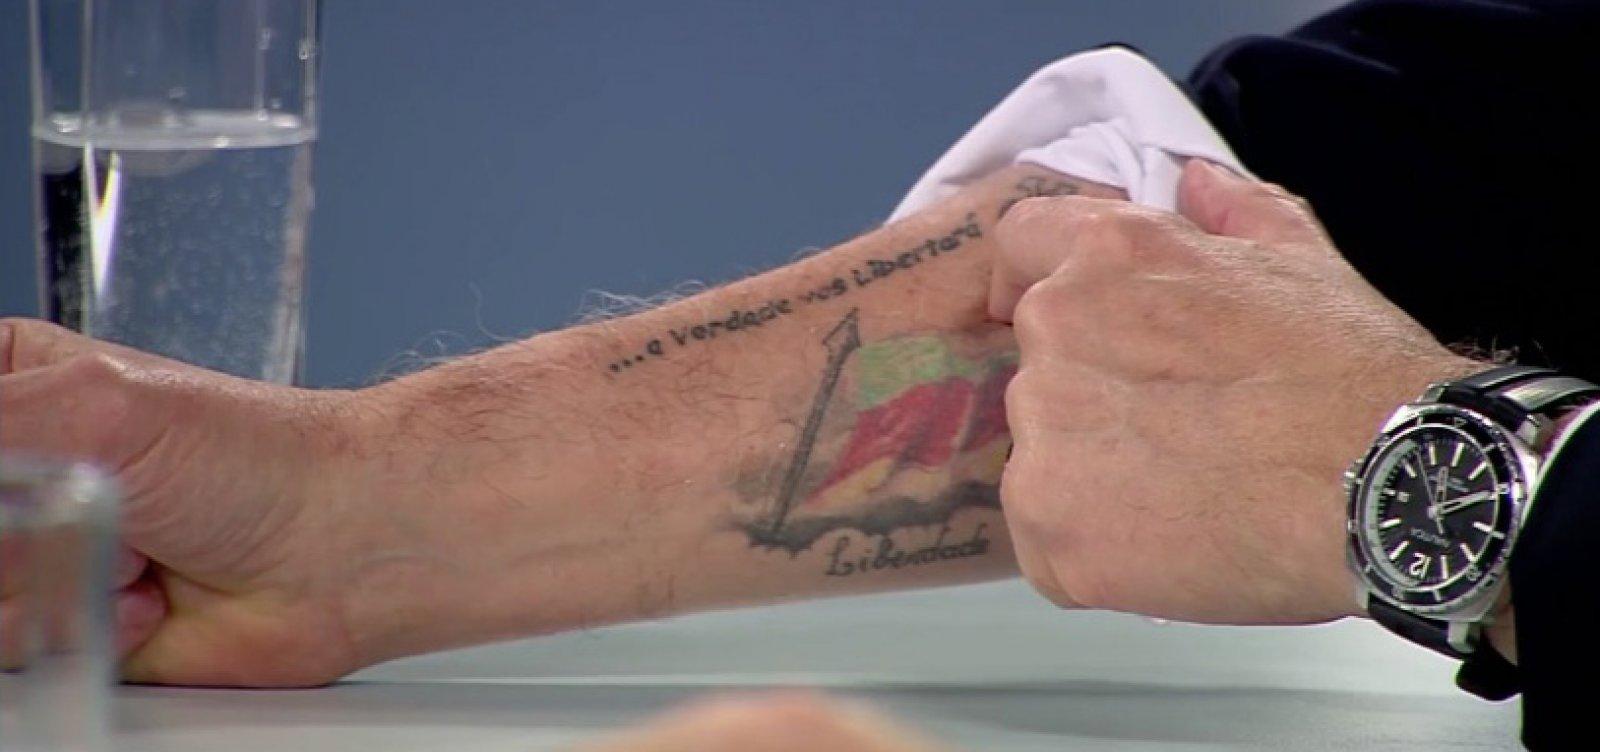 [Ministro de Bolsonaro revela tatuagem para 'lembrar erro' do caixa 2]